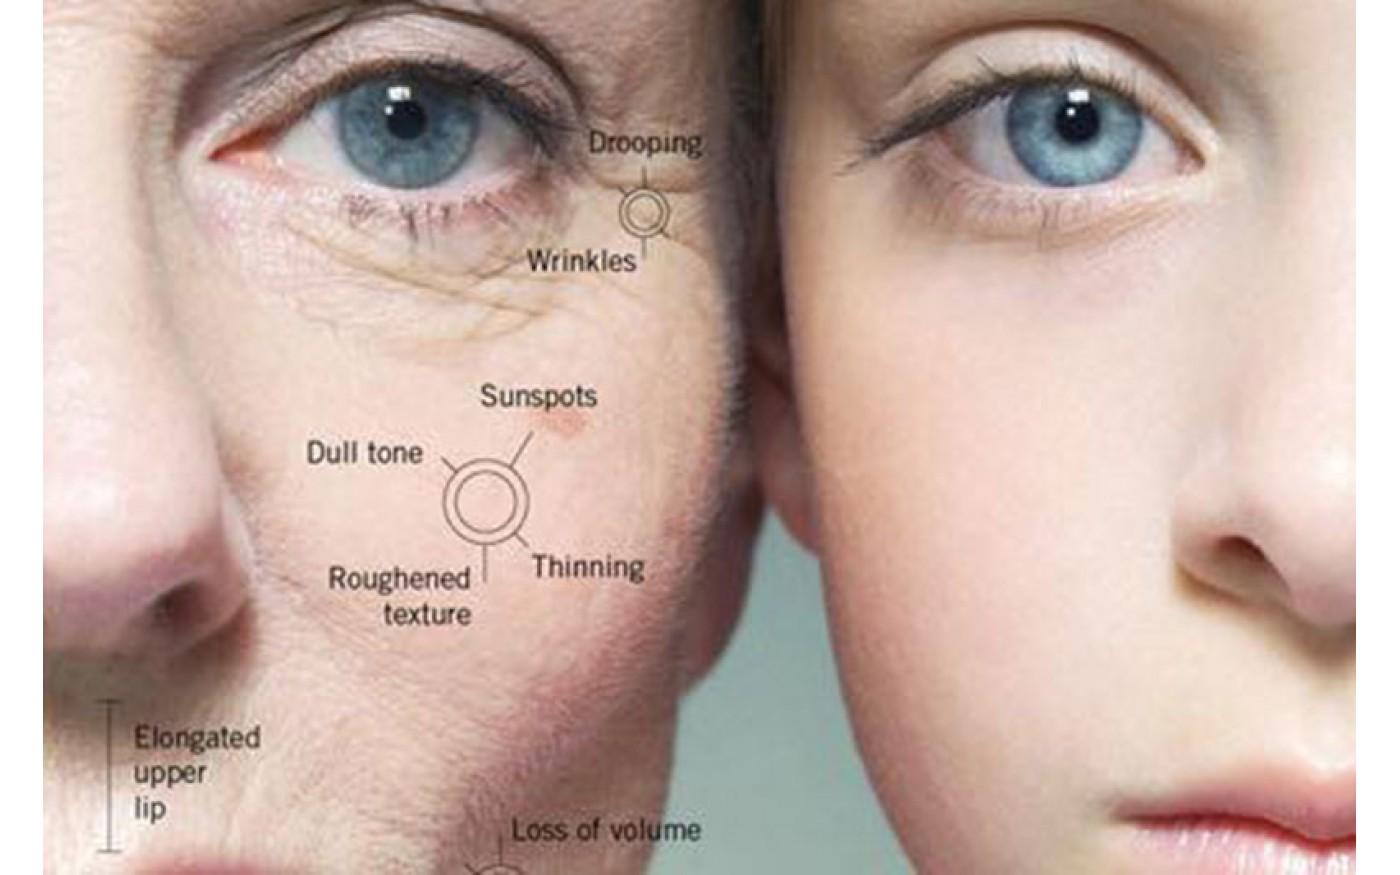 Tìm hiểu cách sử dụng collagen hợp lý để làn da tươi trẻ